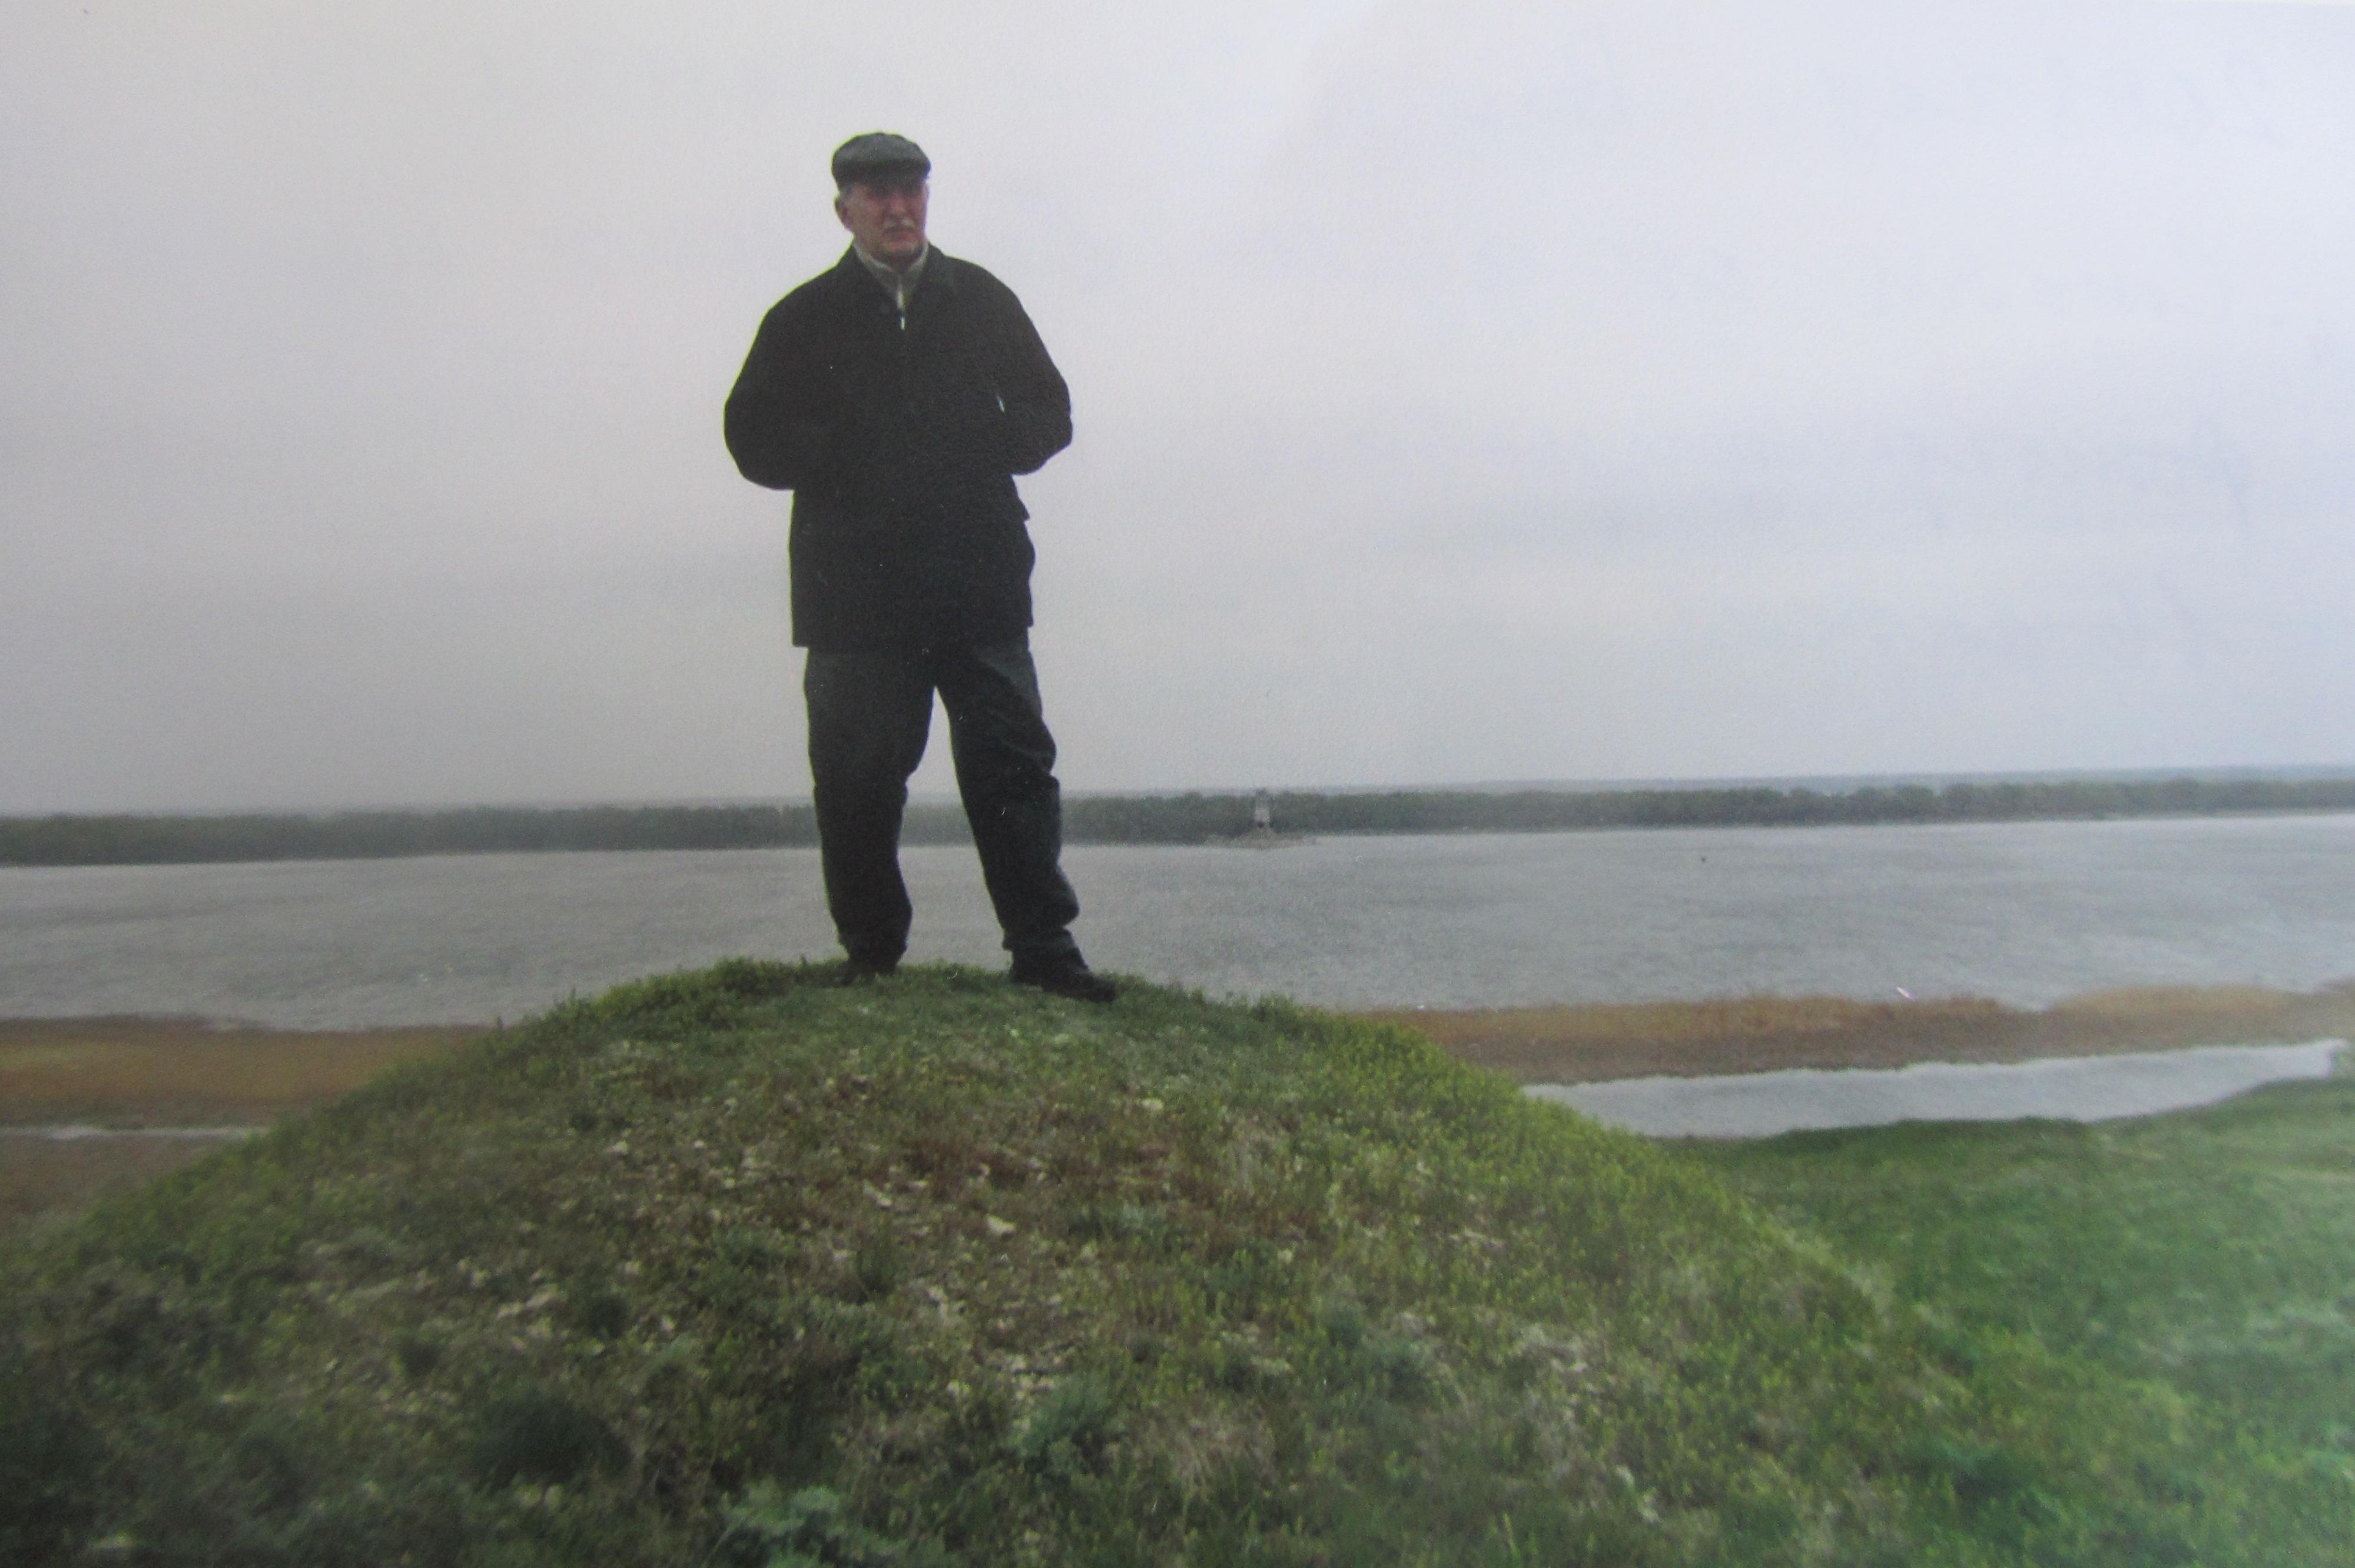 Валерий Кульченко сфотографировал брата Гришу Кульченко 16 апреля 2008 года на берегу Волго-Донского канала у Цимлы